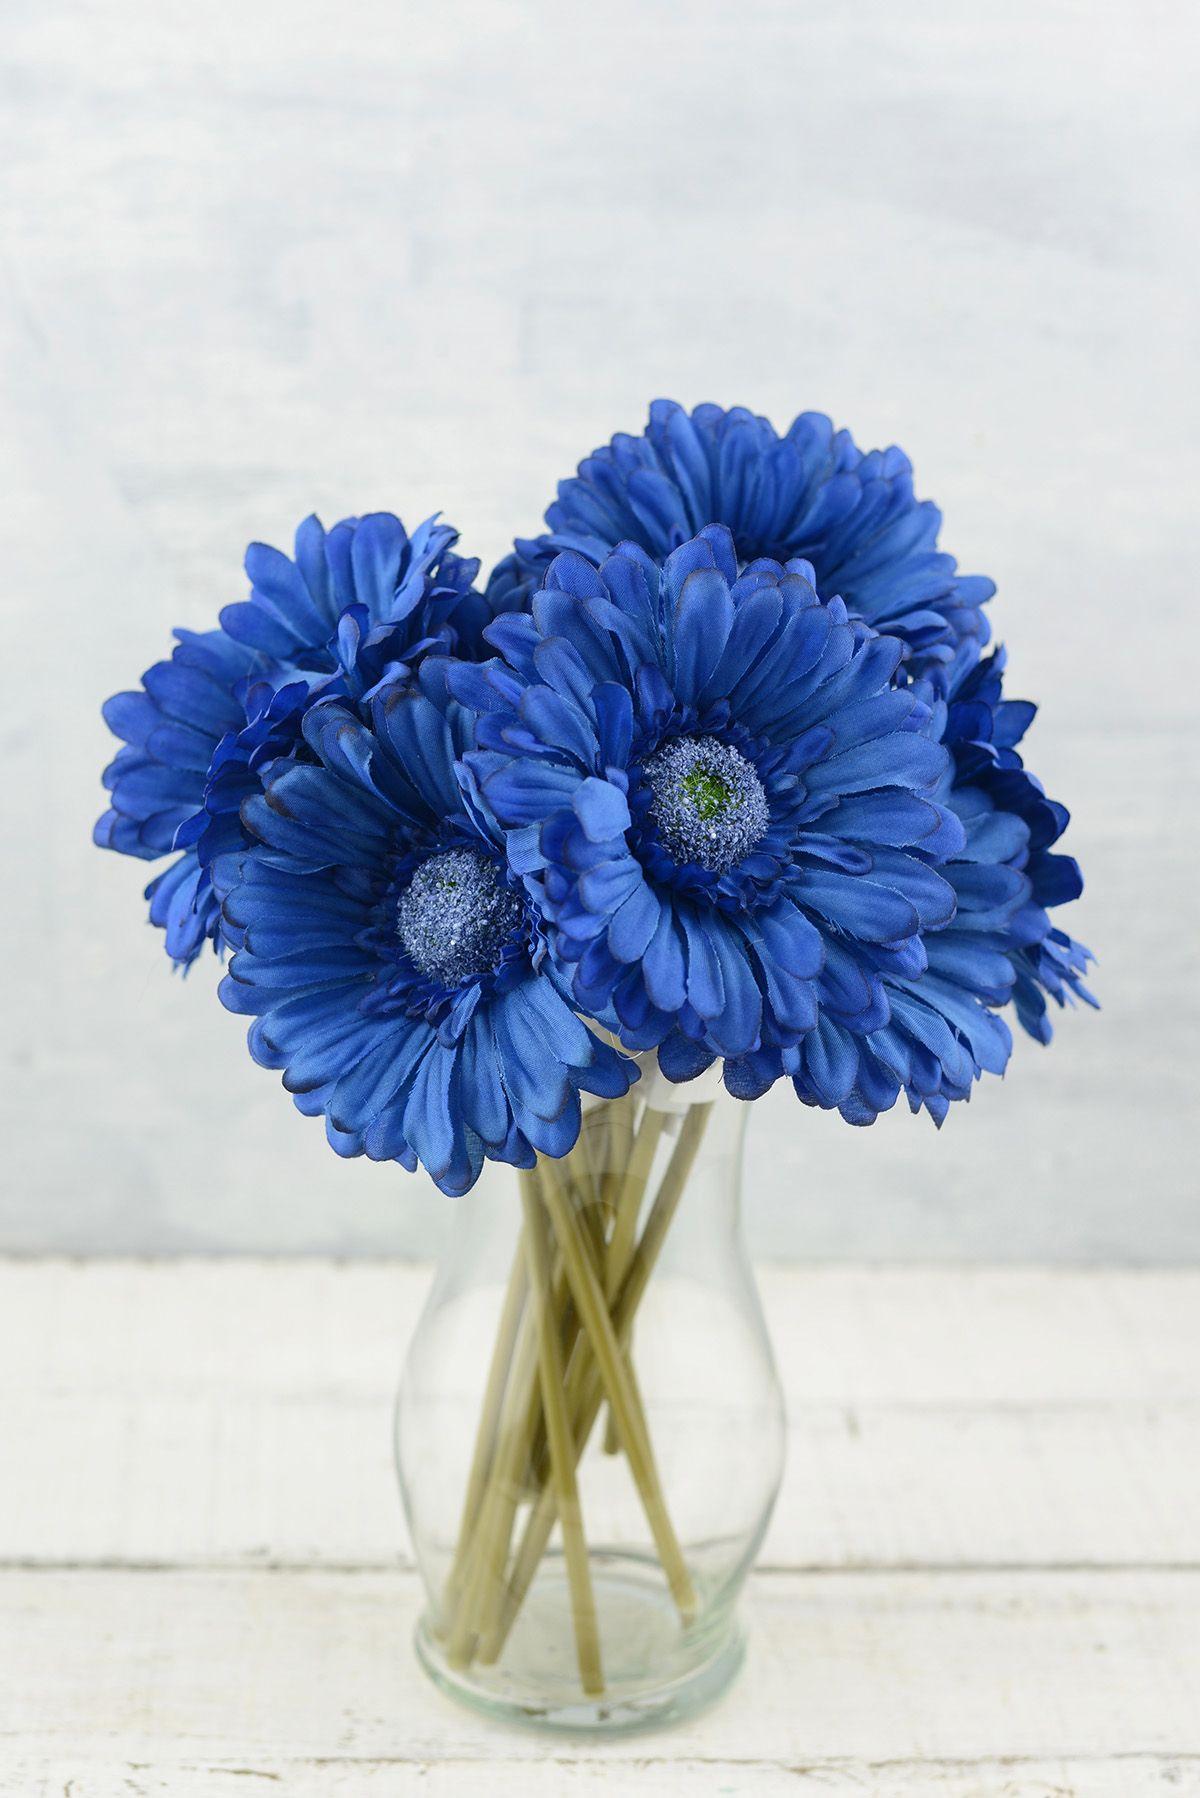 Blue silk gerbera daisy flowers 9in stem 4in flower ordered 120 110 blue silk gerbera daisy flowers 9in stem 4in flower ordered 120 110 izmirmasajfo